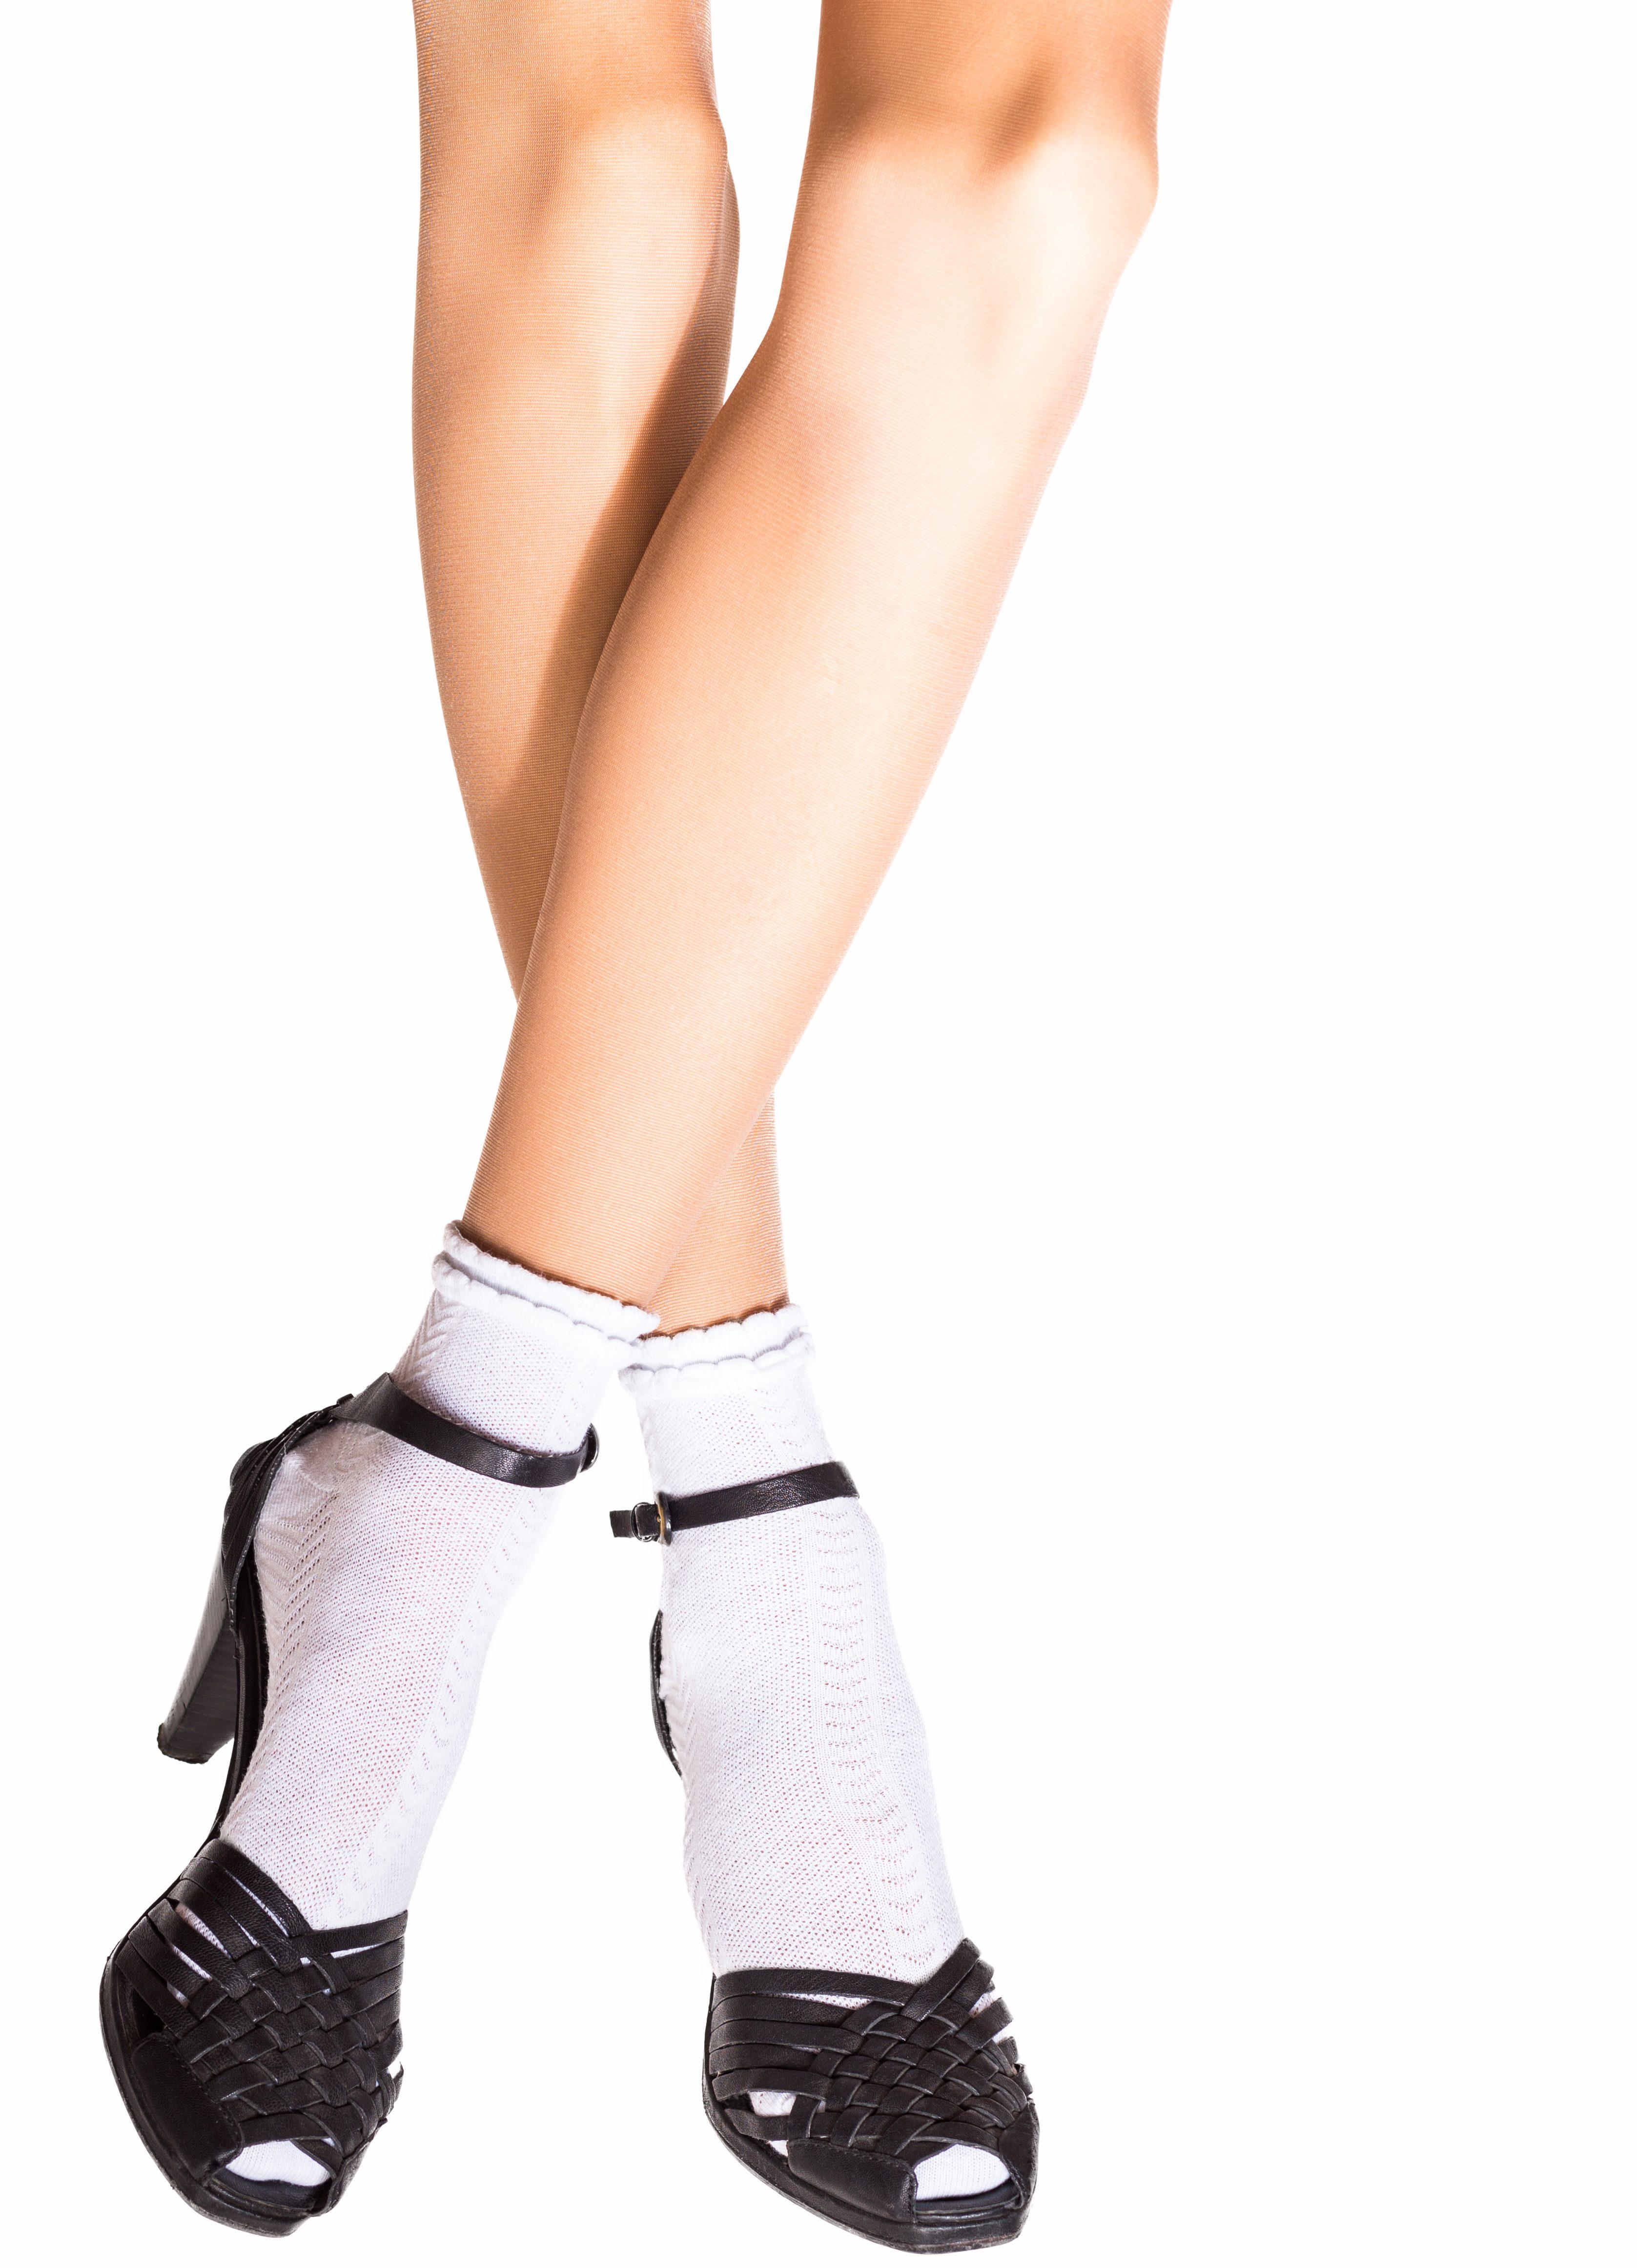 Vestir medias con zapatos o sandalias sigue de moda en esta temporada otoñal e invernal.